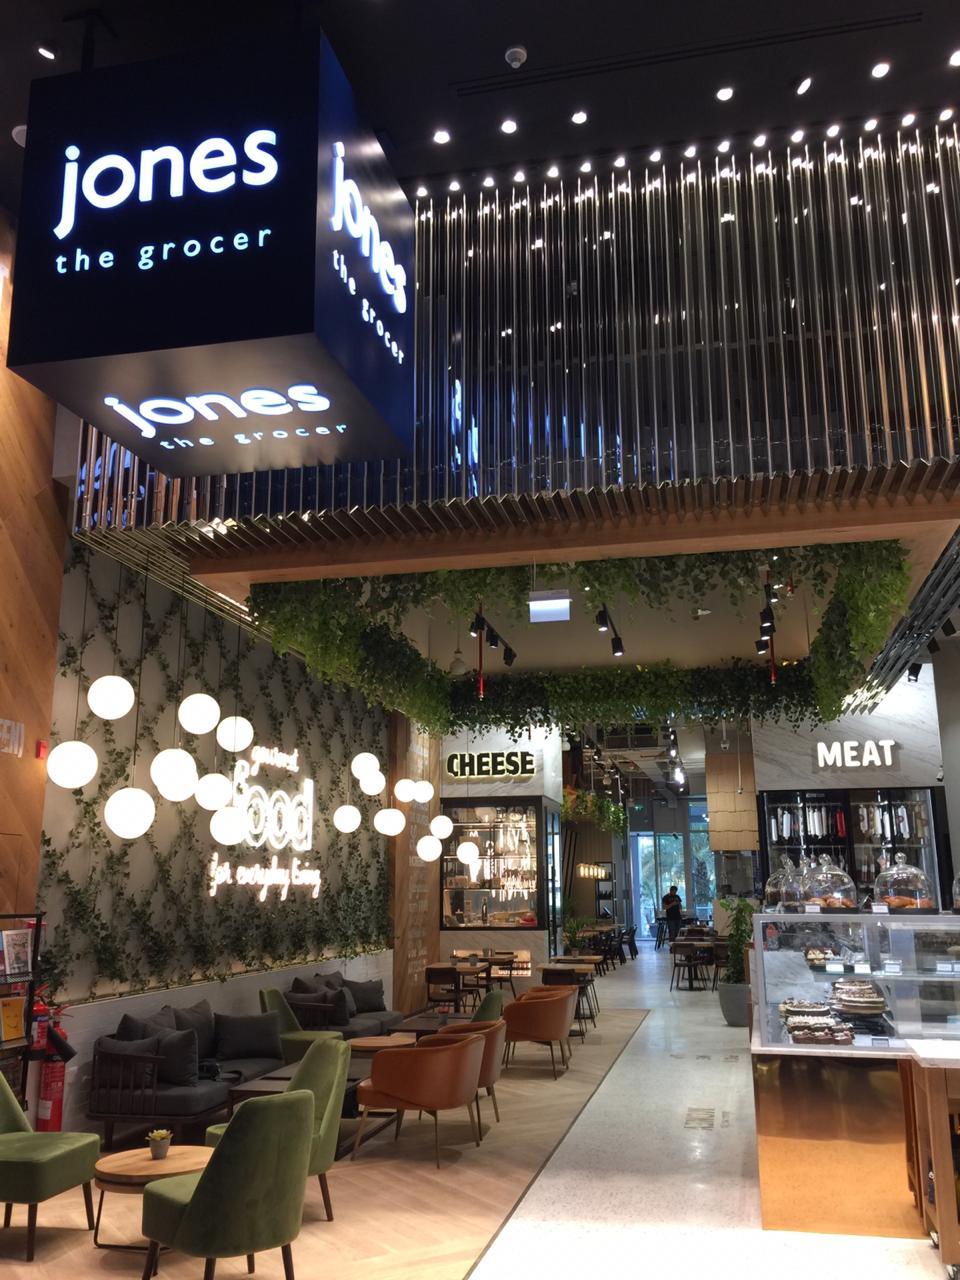 (A) Jones The Grocer